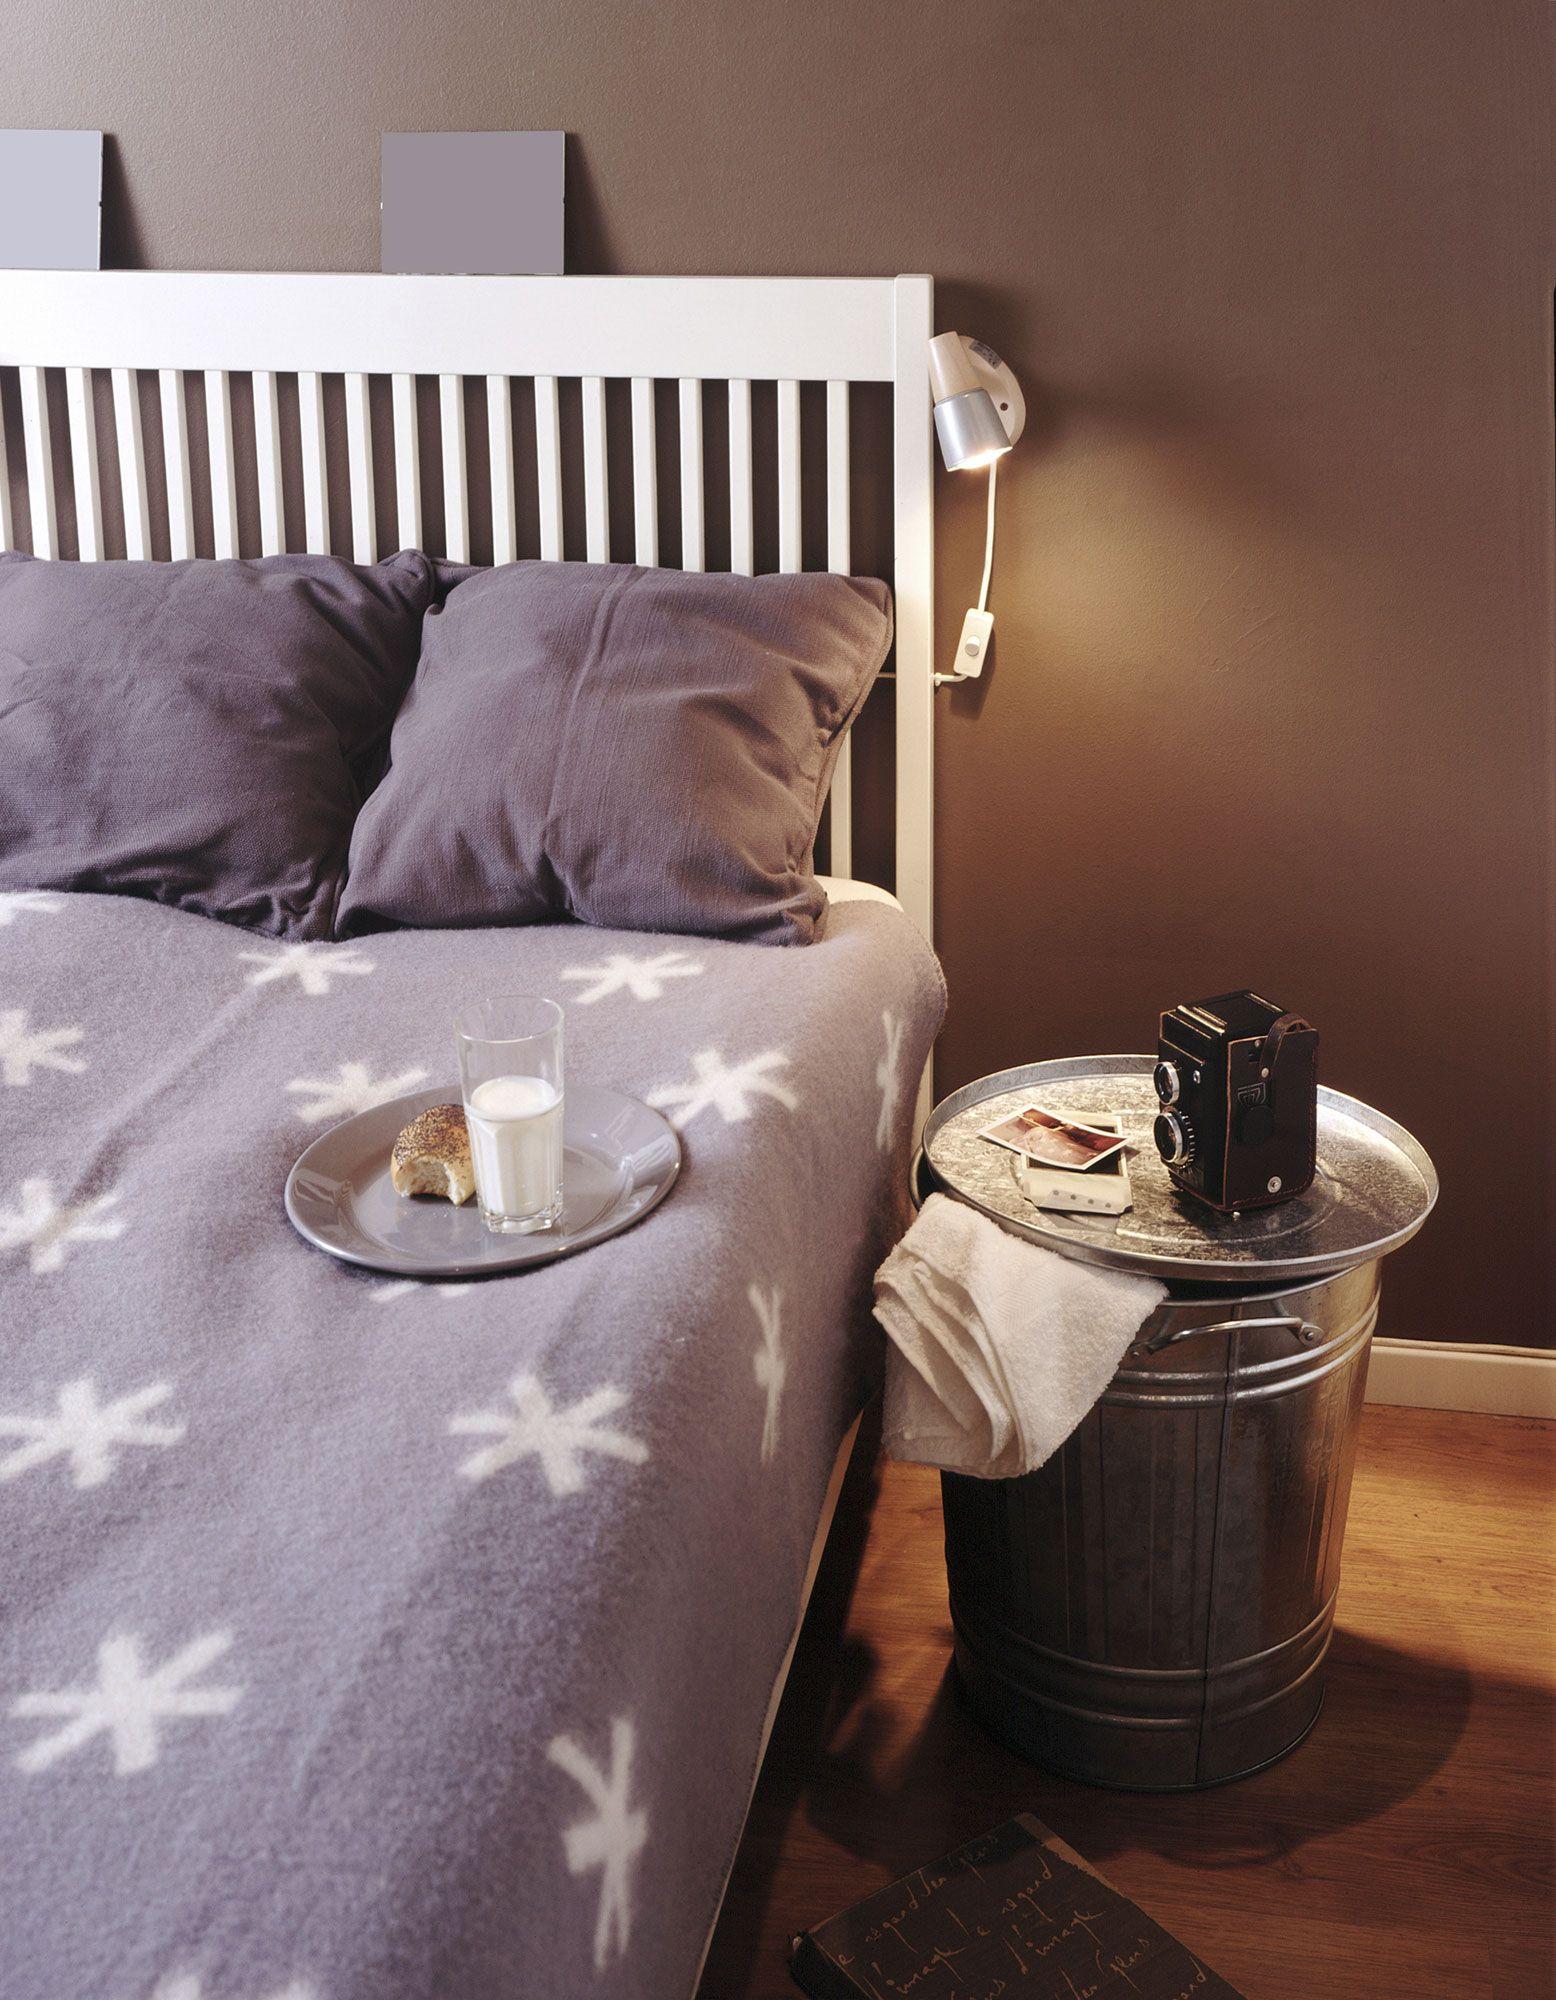 Cómo decorar el dormitorio en invierno